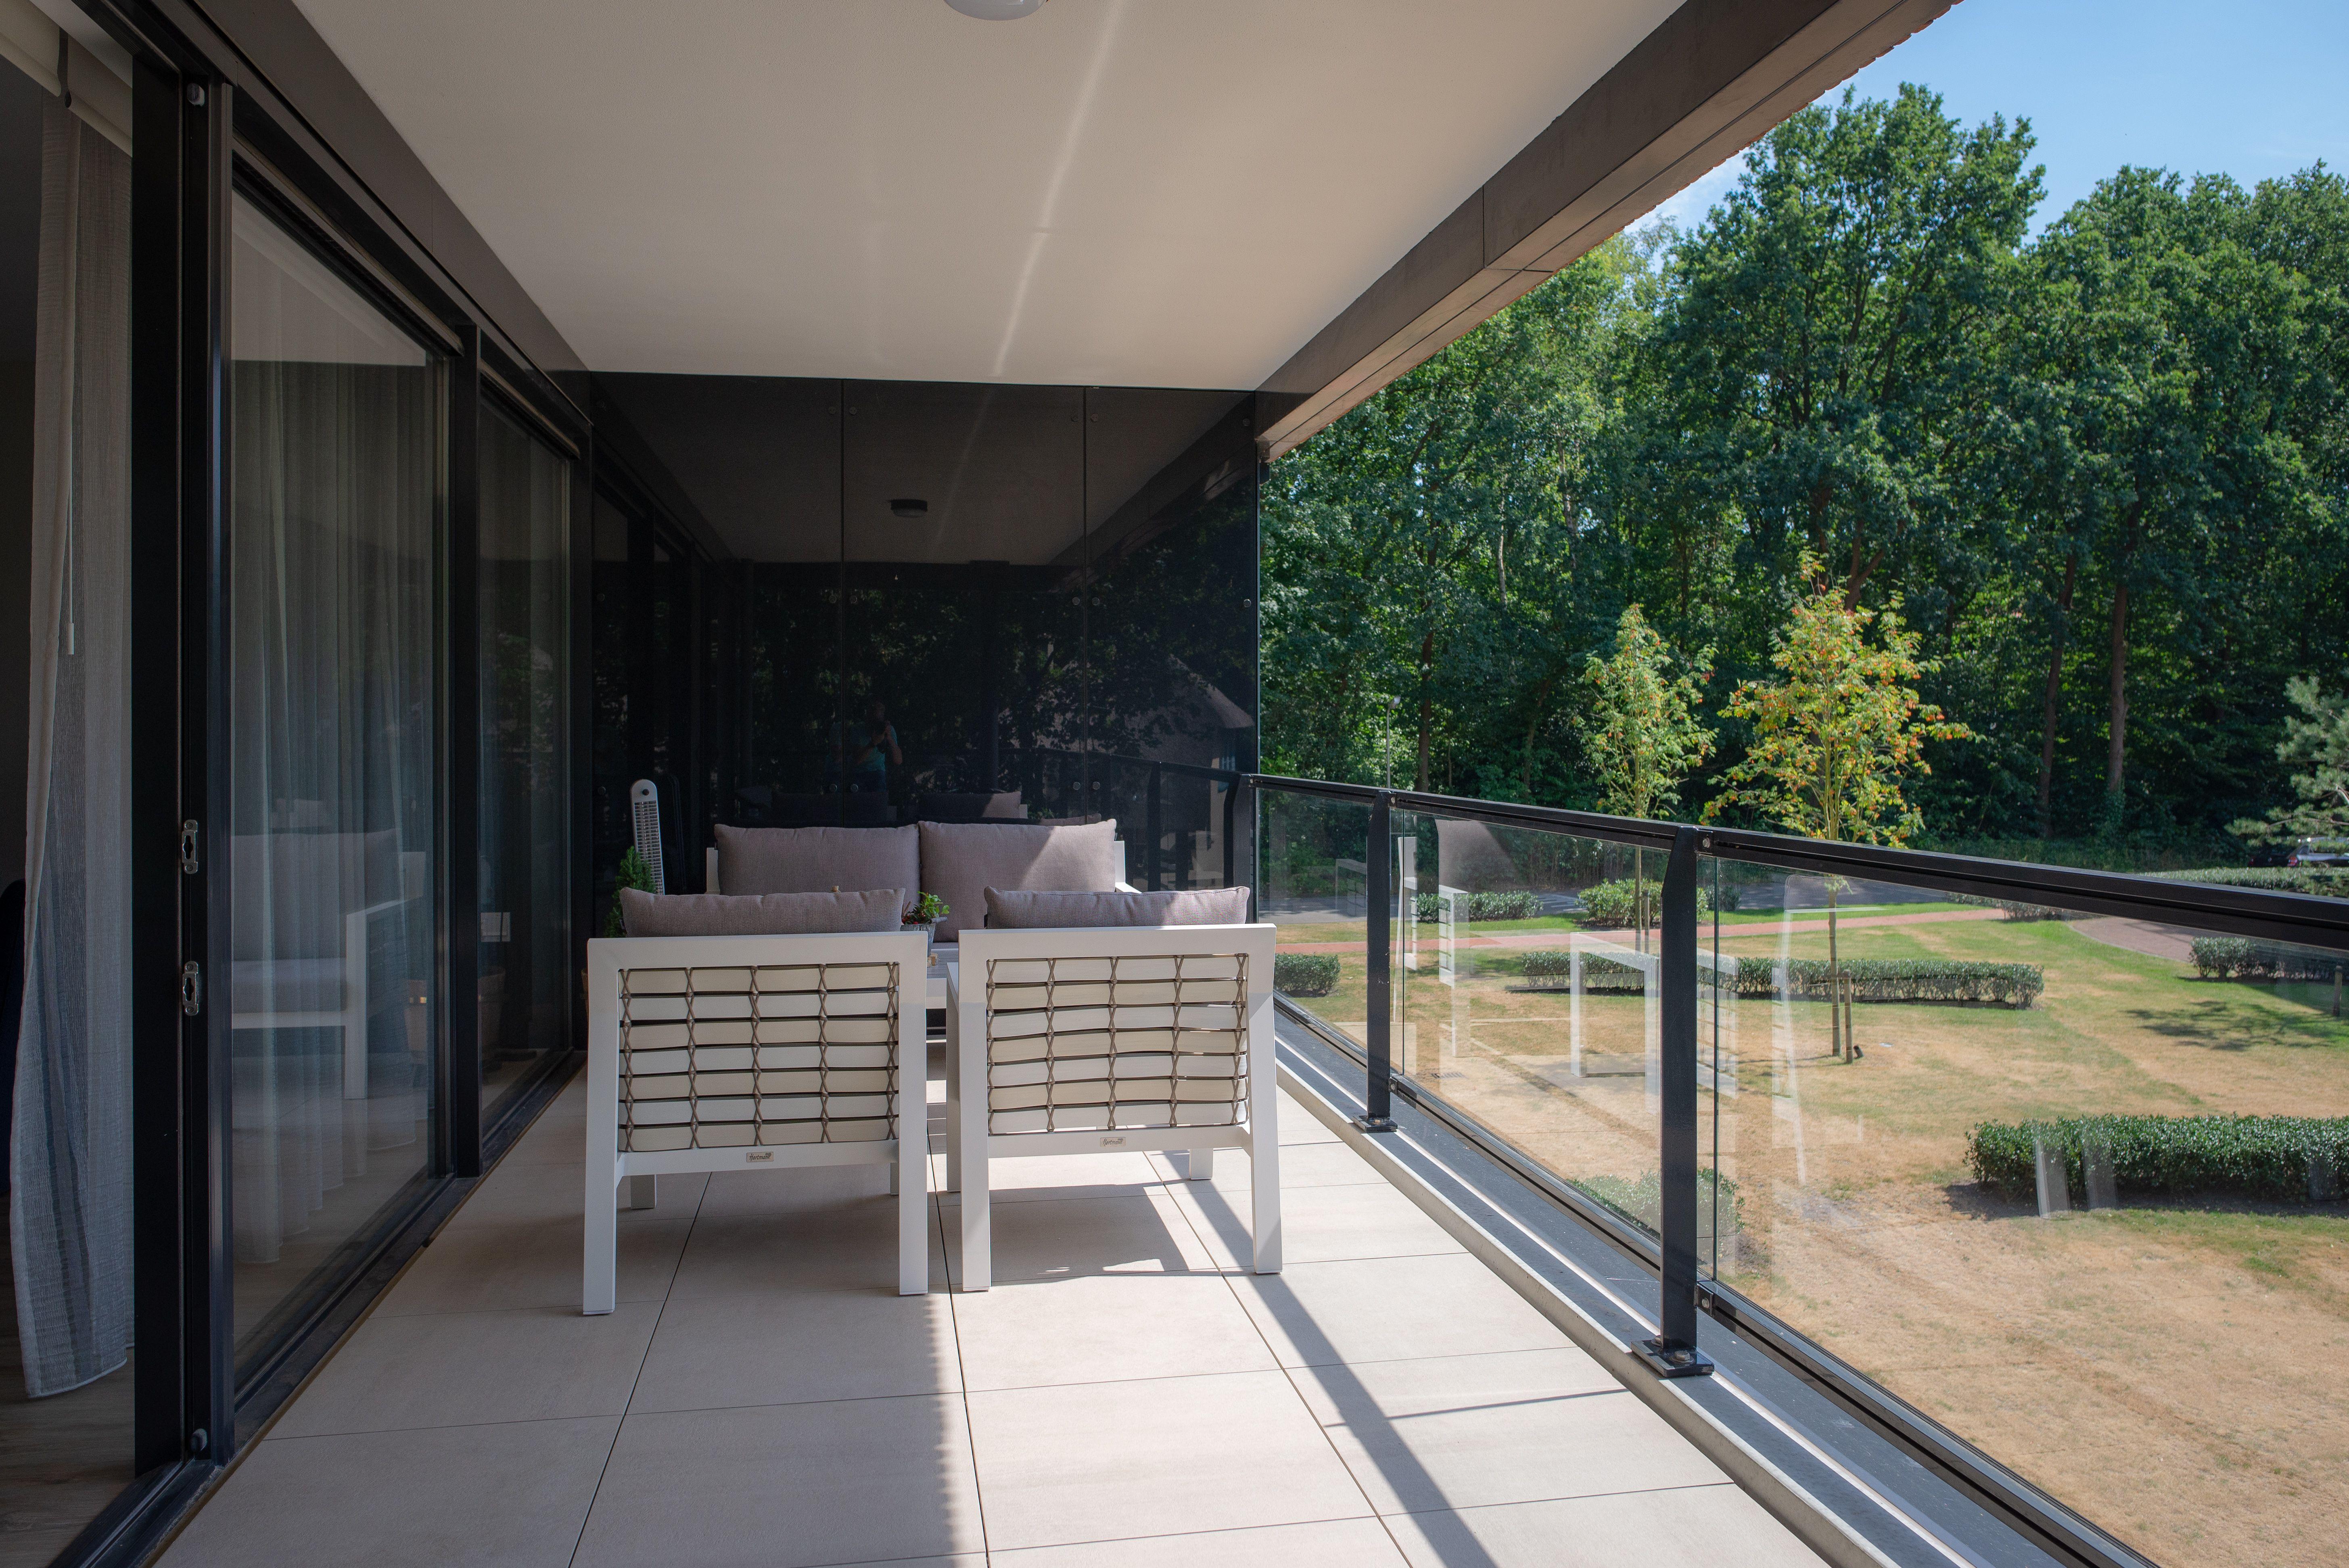 Vloer Voor Balkon : Luxe balkon met vloer van keramische tegels ☆ onderhoudsarm